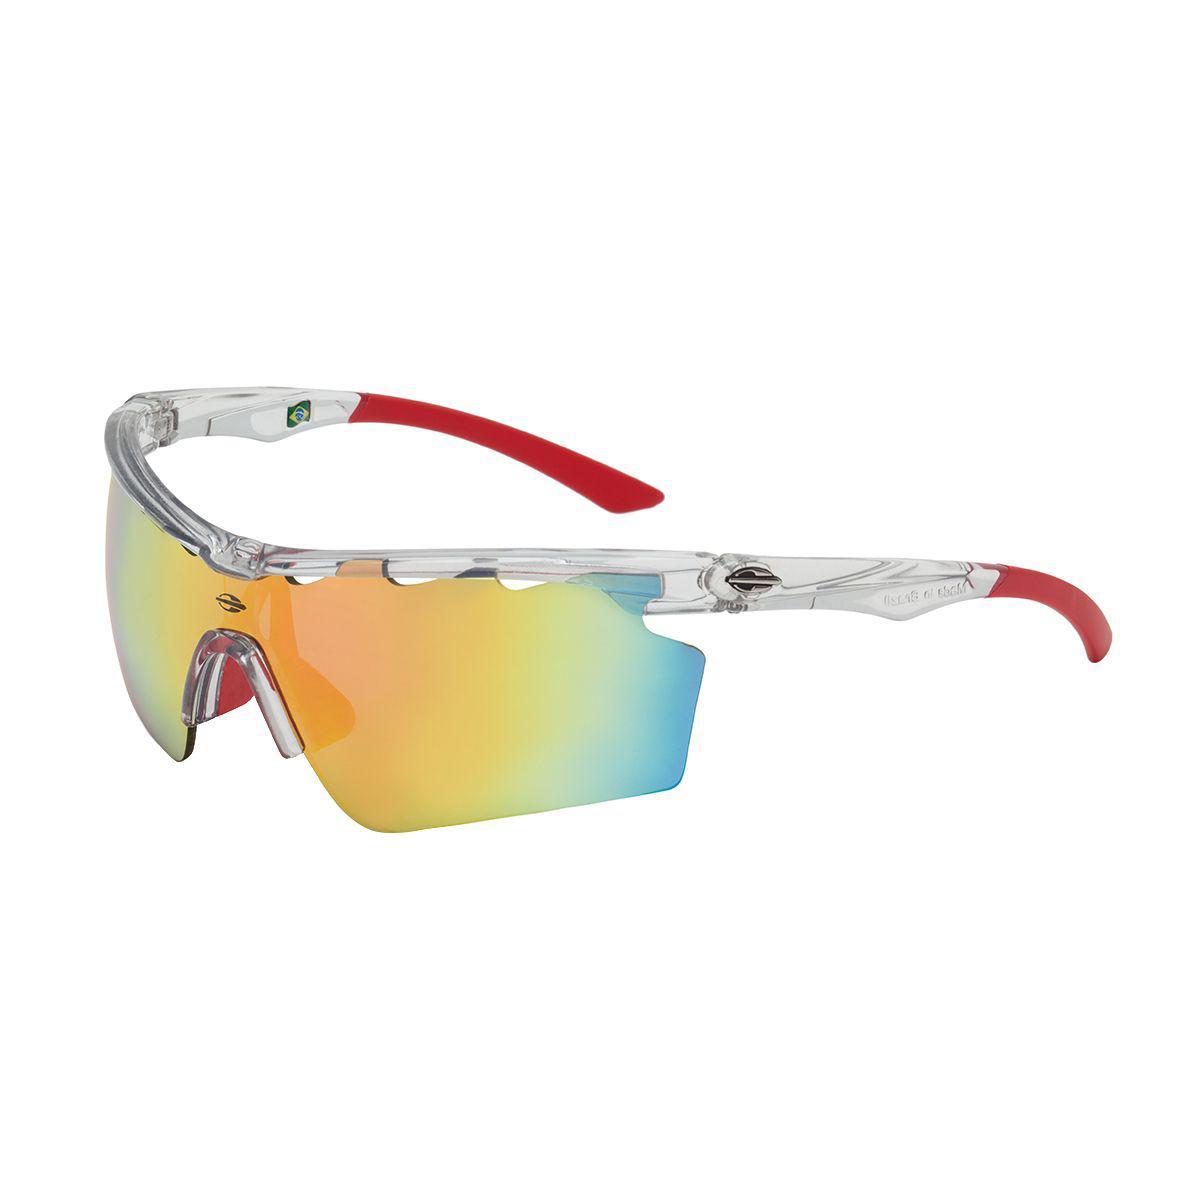 09ae21bbc8738 Óculos De Sol Athlon V Translucido E Vermelho Lente Rosa Mormaii R  299,00  à vista. Adicionar à sacola